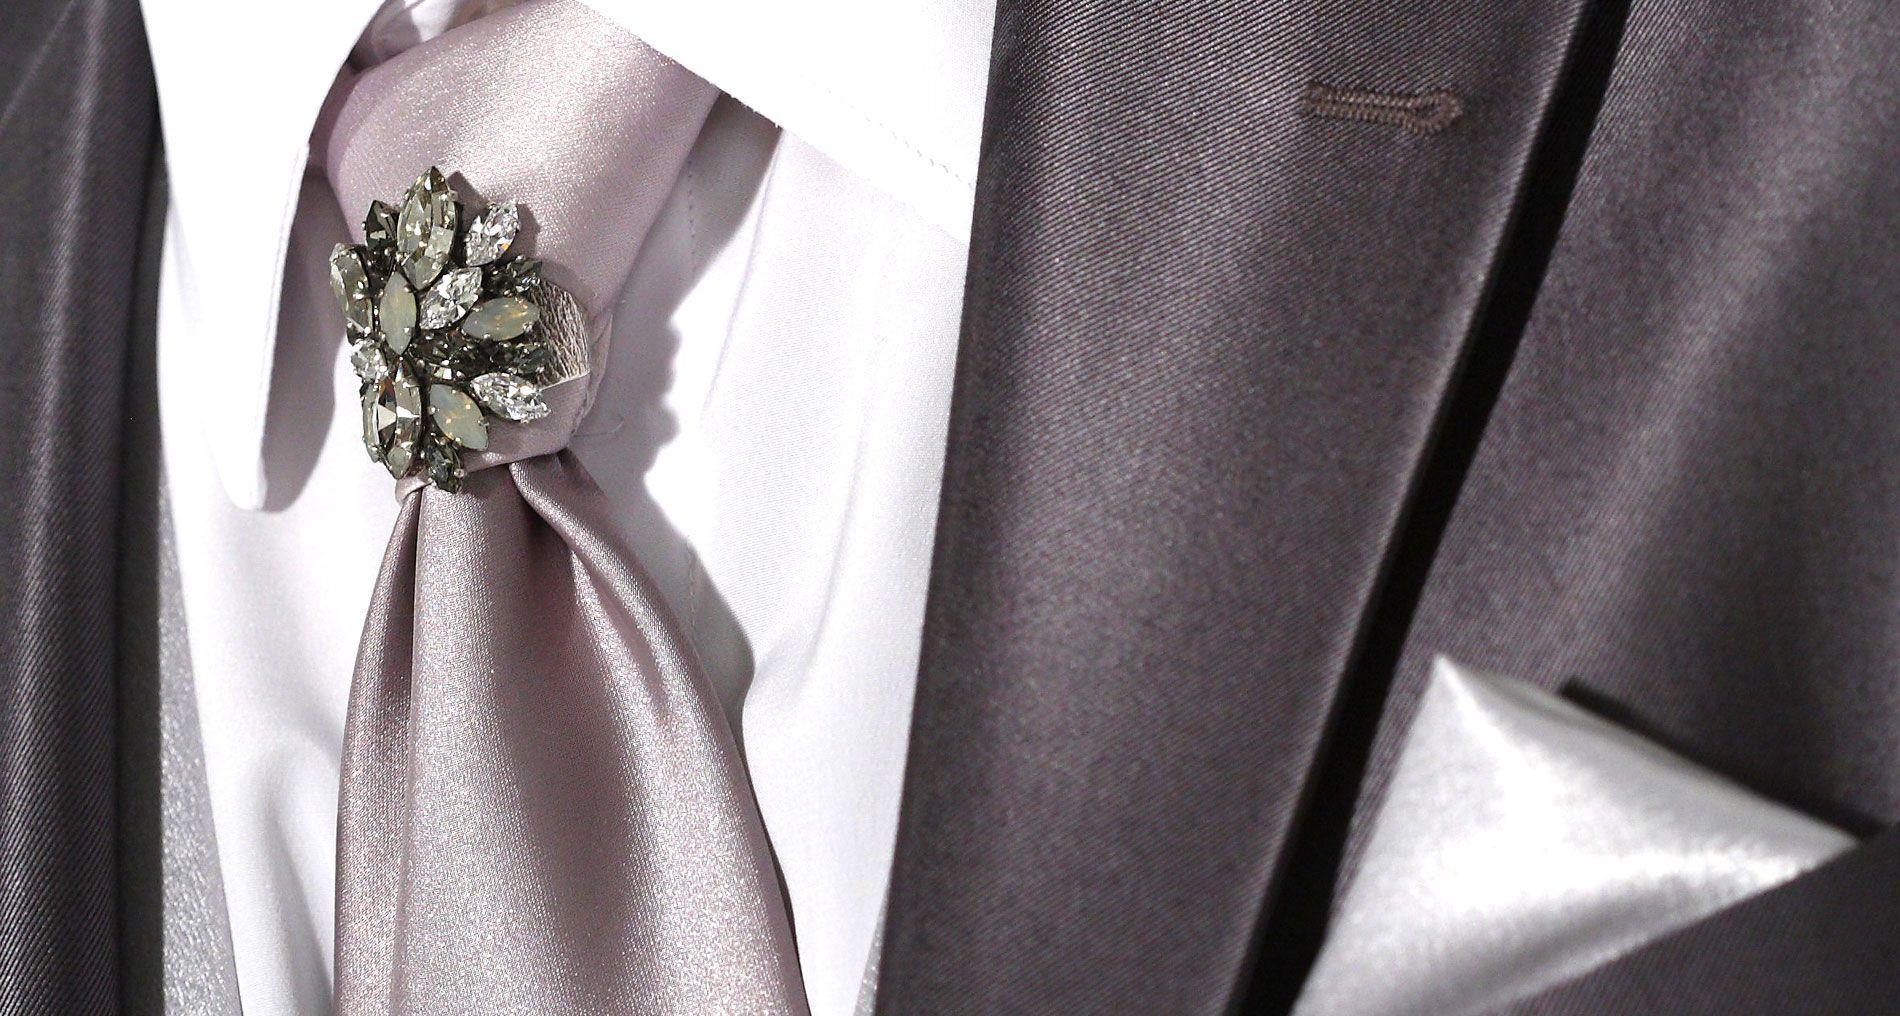 Tie jewelry knots menus wedding attire santorini mens attire